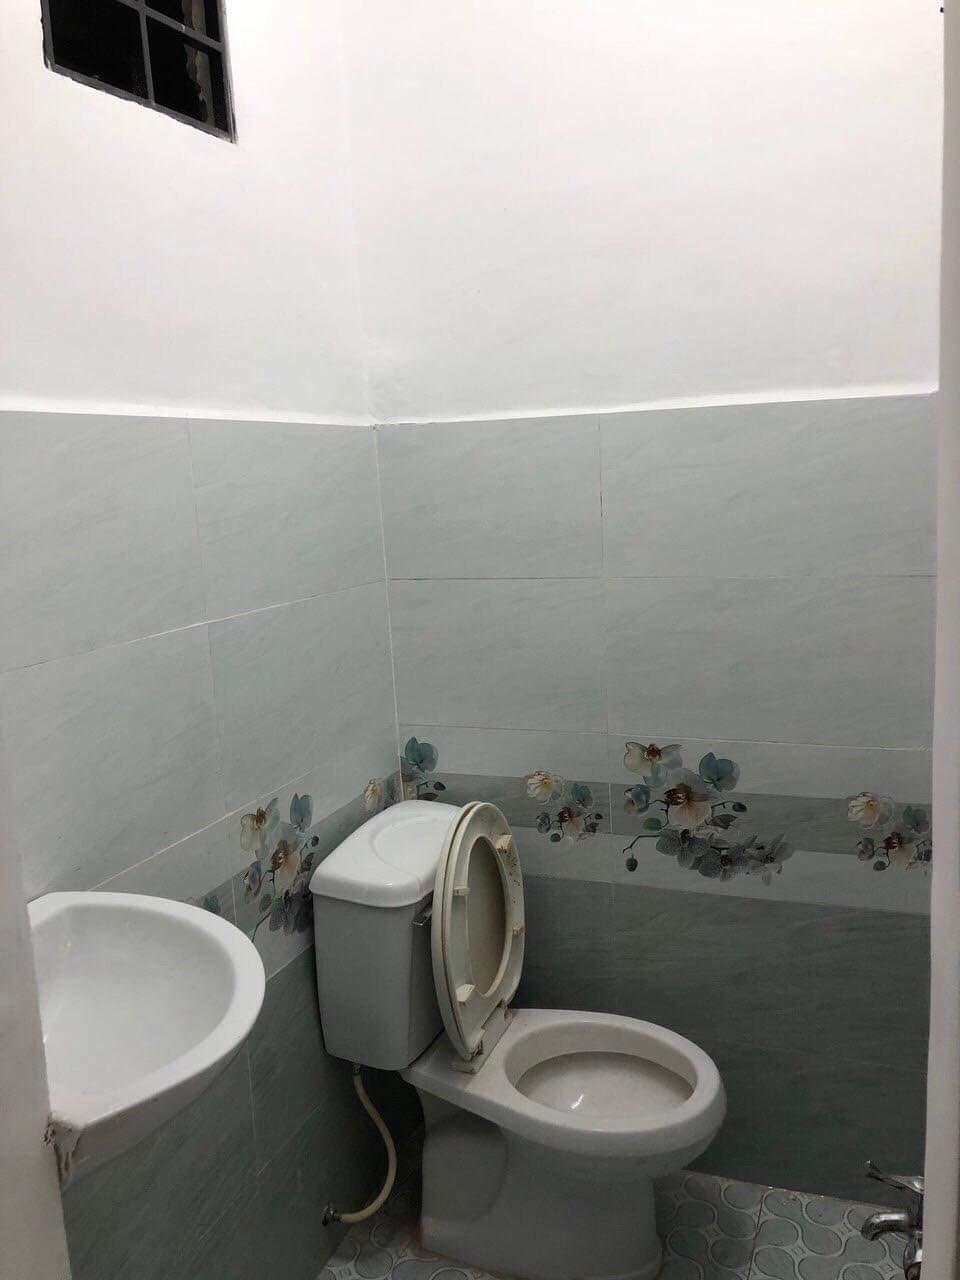 Bán nhà hẻm xe hơi 170 Bùi Đình Túy phường 12 quận Bình Thạnh giá dưới 3 tỷ